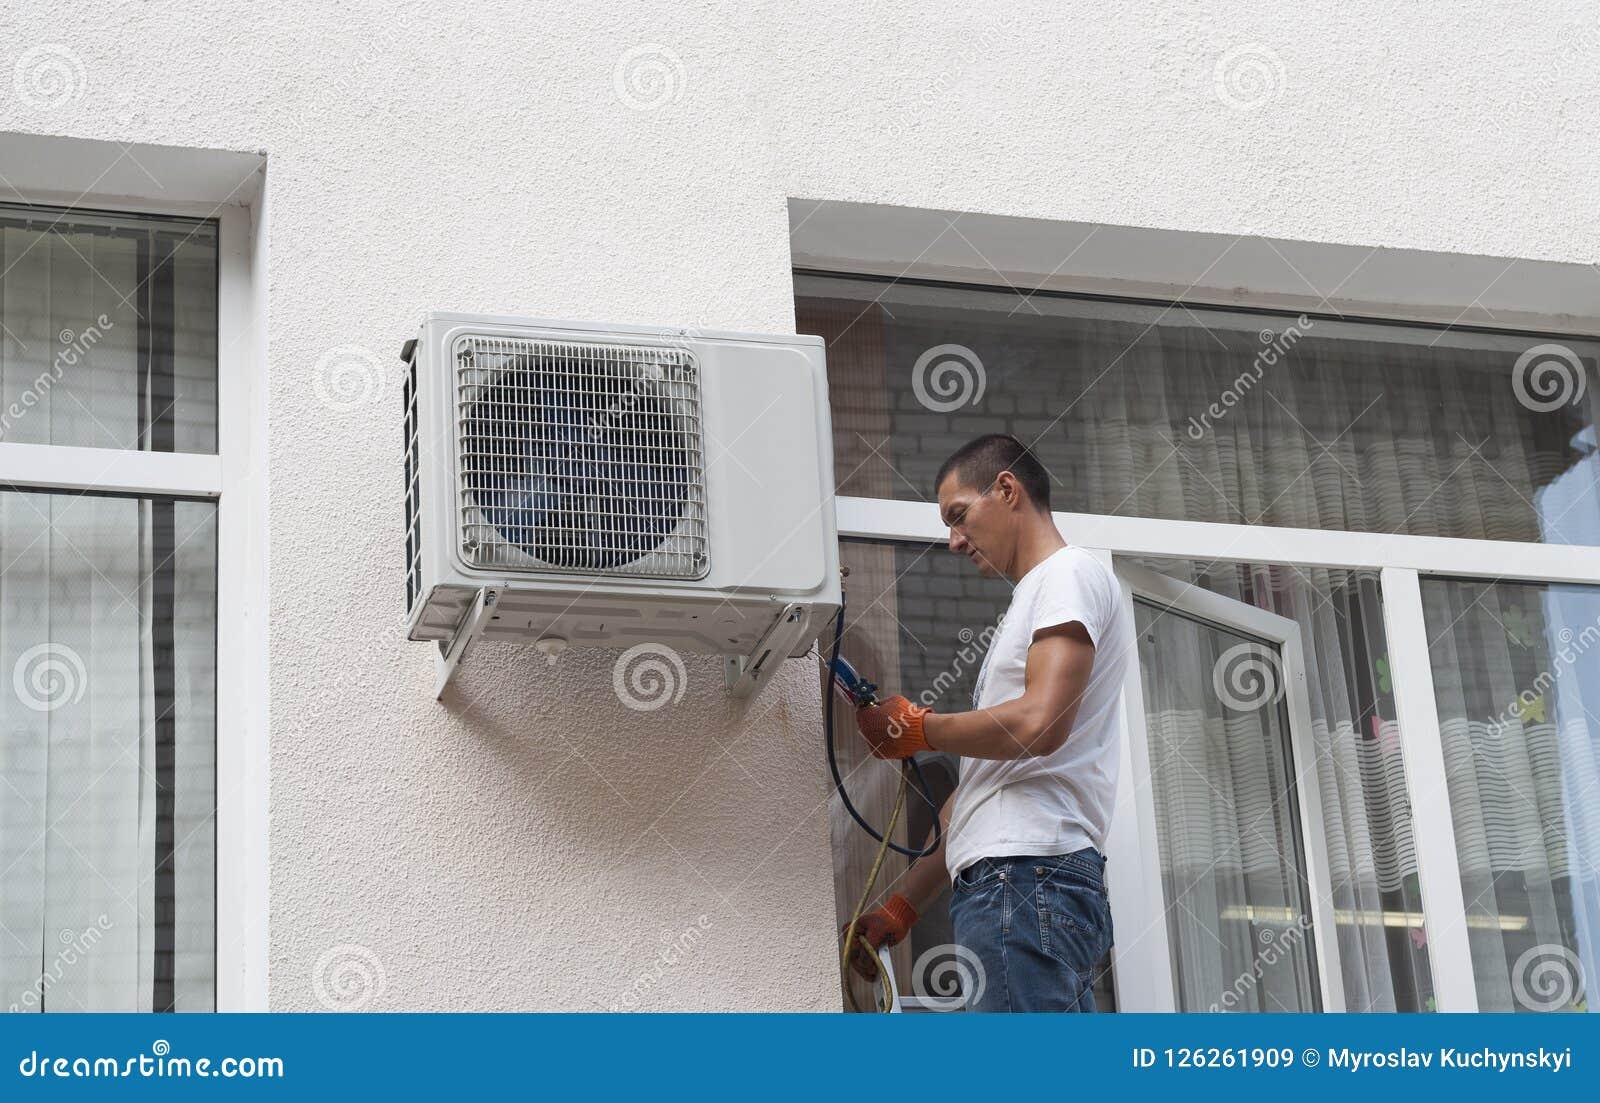 Установка кондиционеров воздух кондиционер kentatsu ksgma21hfan1 ksrma21hfan1 купить в новосибирске